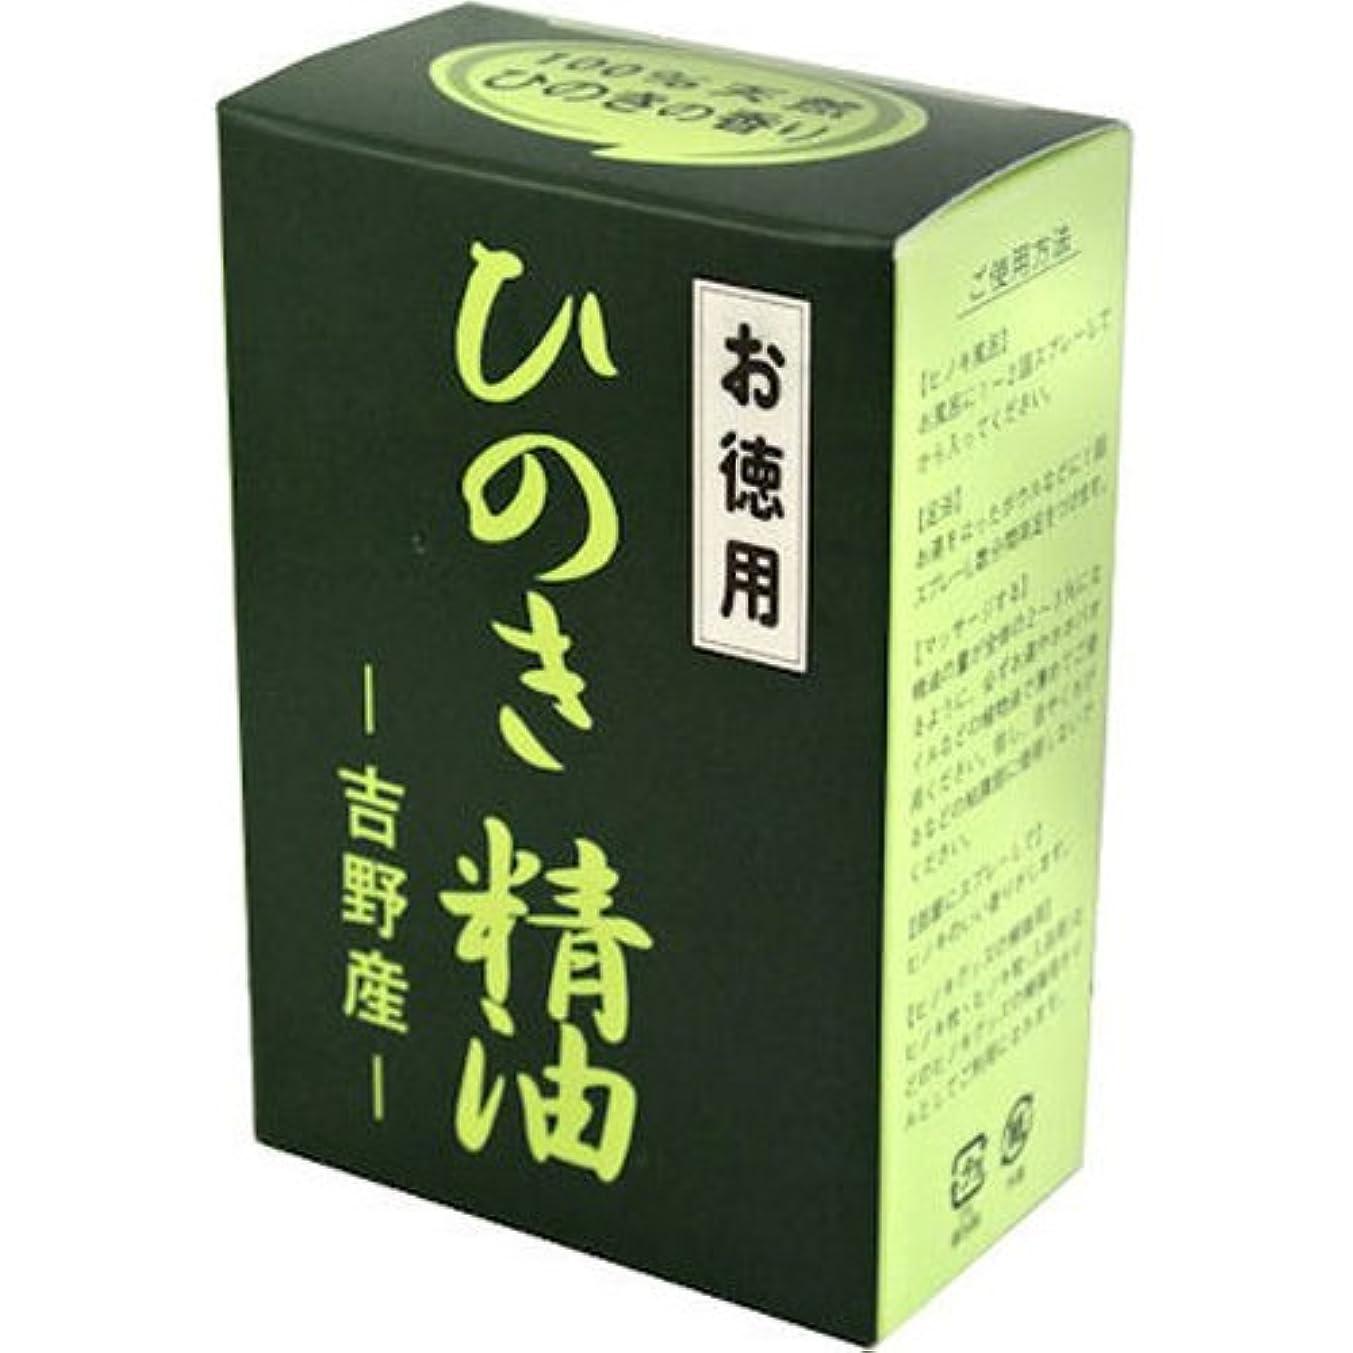 吉野ひのき精油 (エッセンスオイル) 100ml